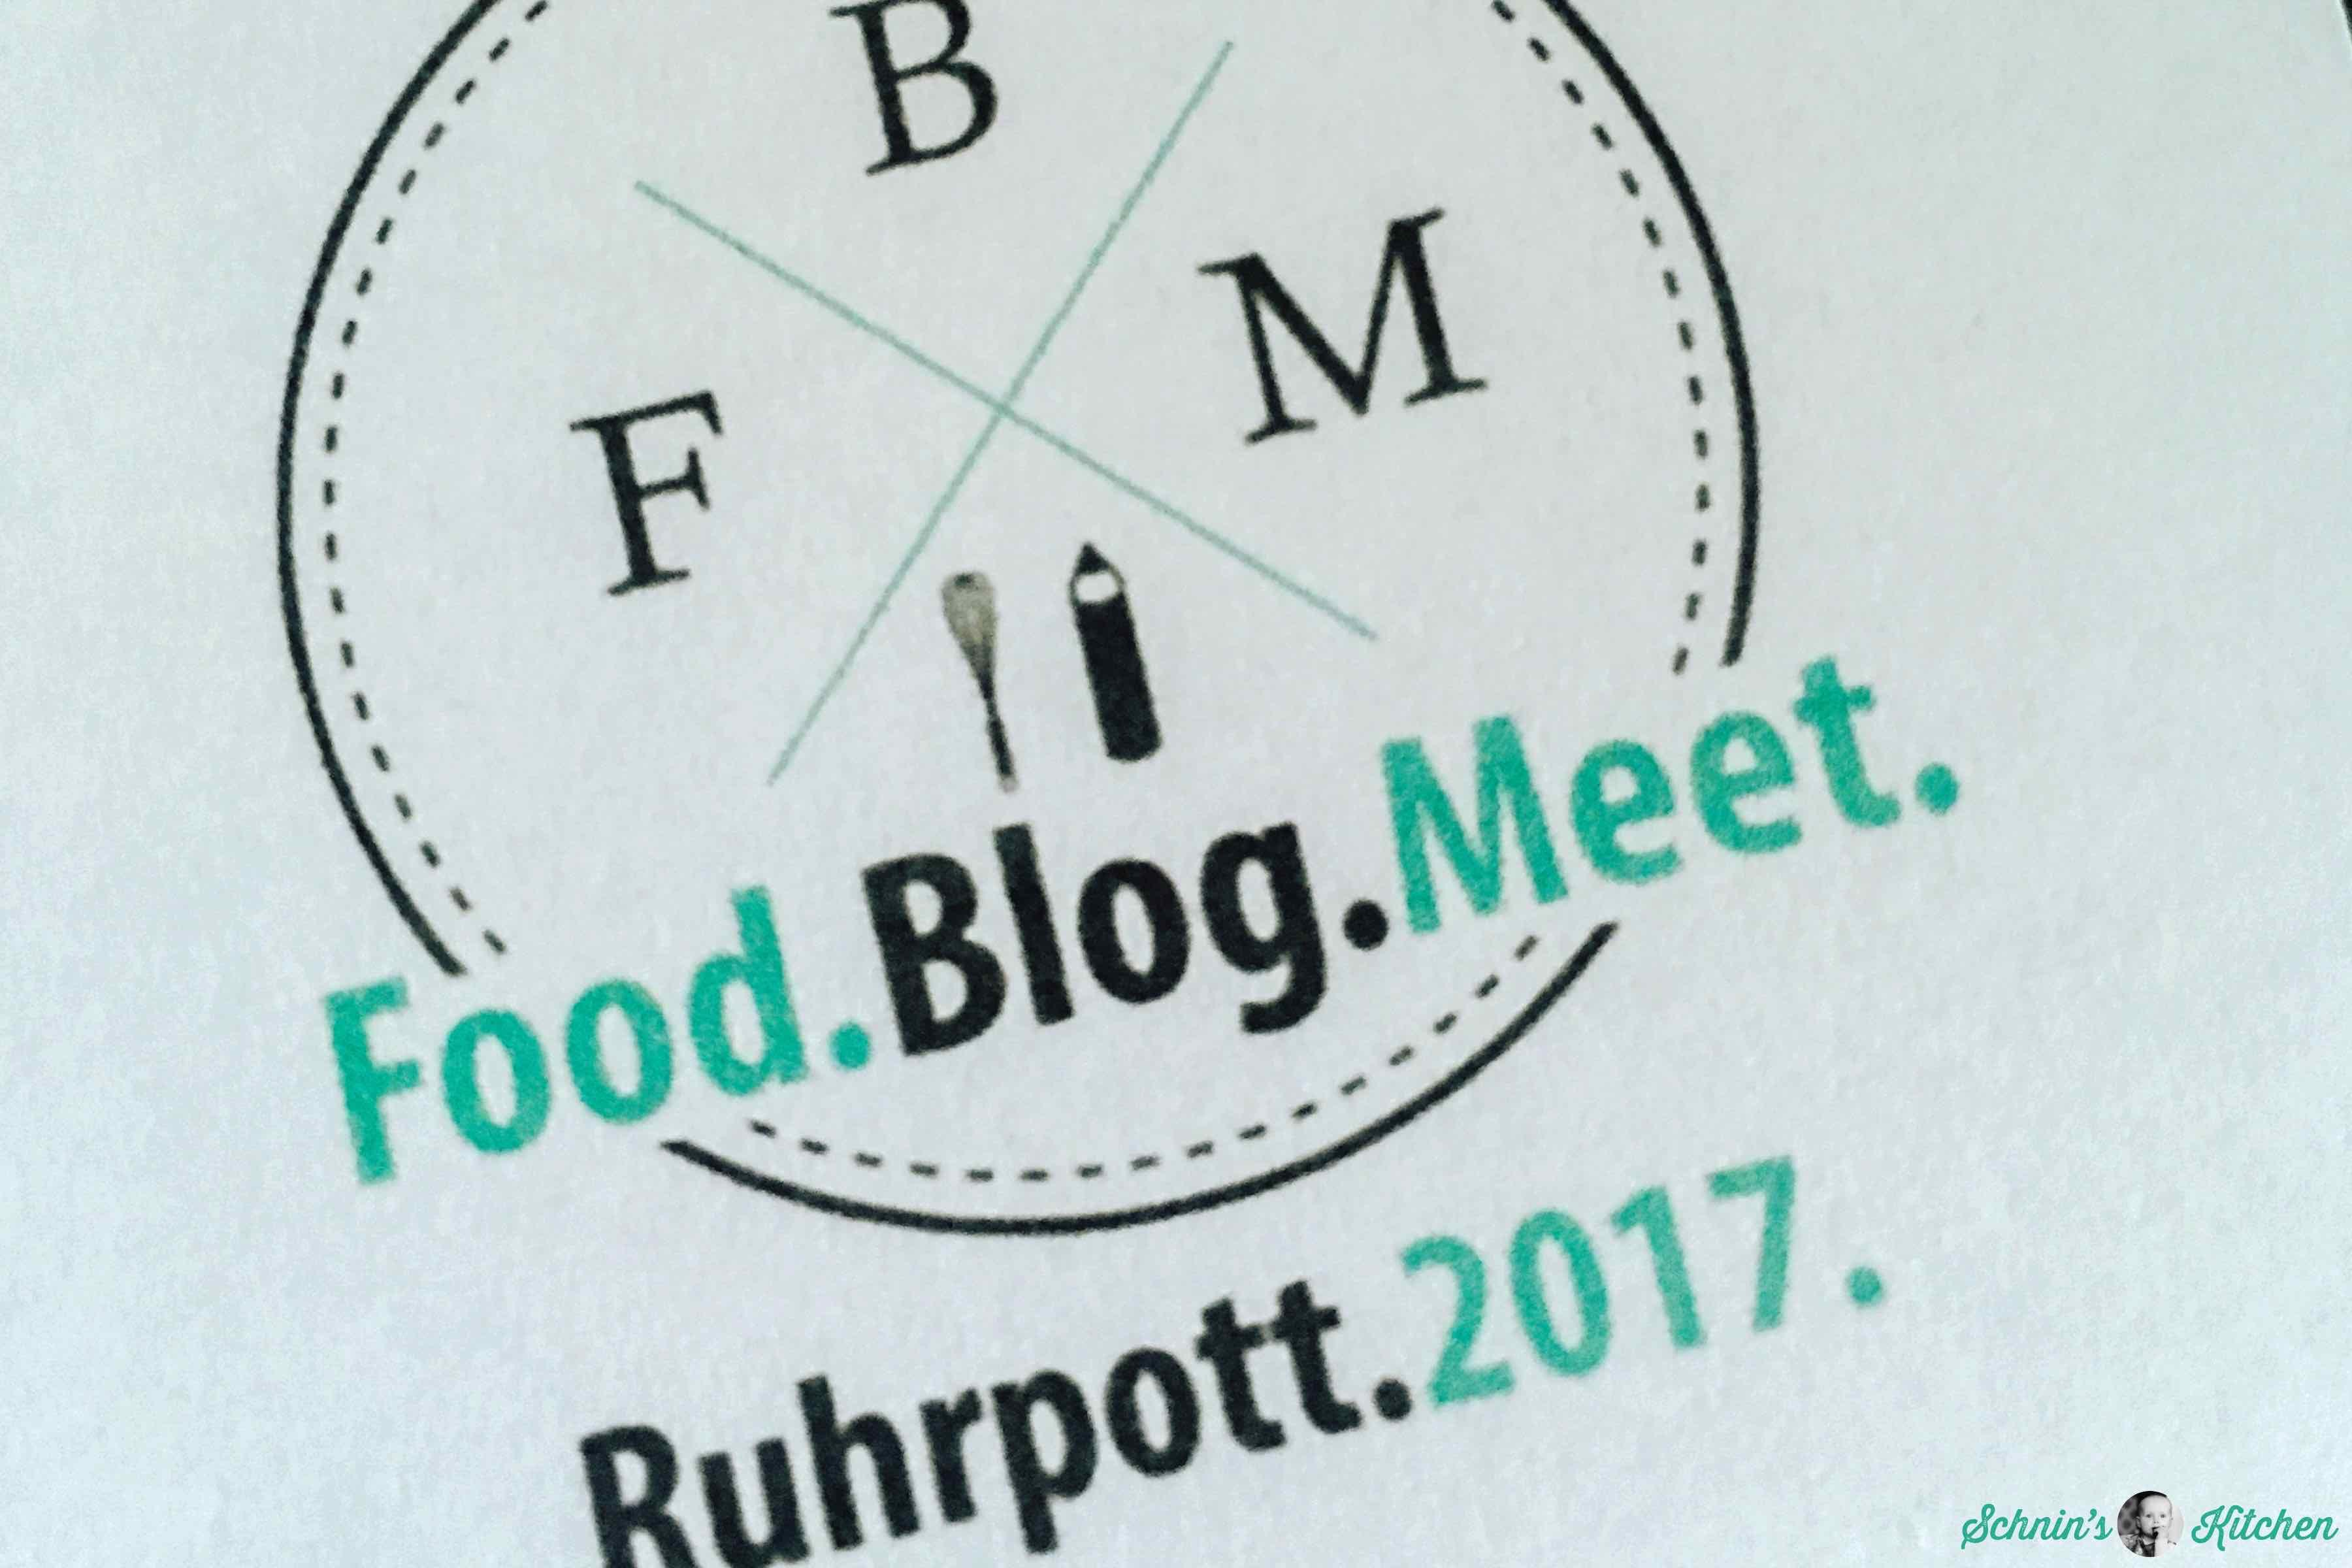 """Food.Blog.Meet. im Ruhrpott mit """"Pig, Pork and Beer"""" - so schön war das Bloggertreffen in Herne. Es wurde gerührt, gekocht, lecker gegessen und gequatscht. Ein wirklich wunderbarer Tag.   www.schninskitchen.de"""